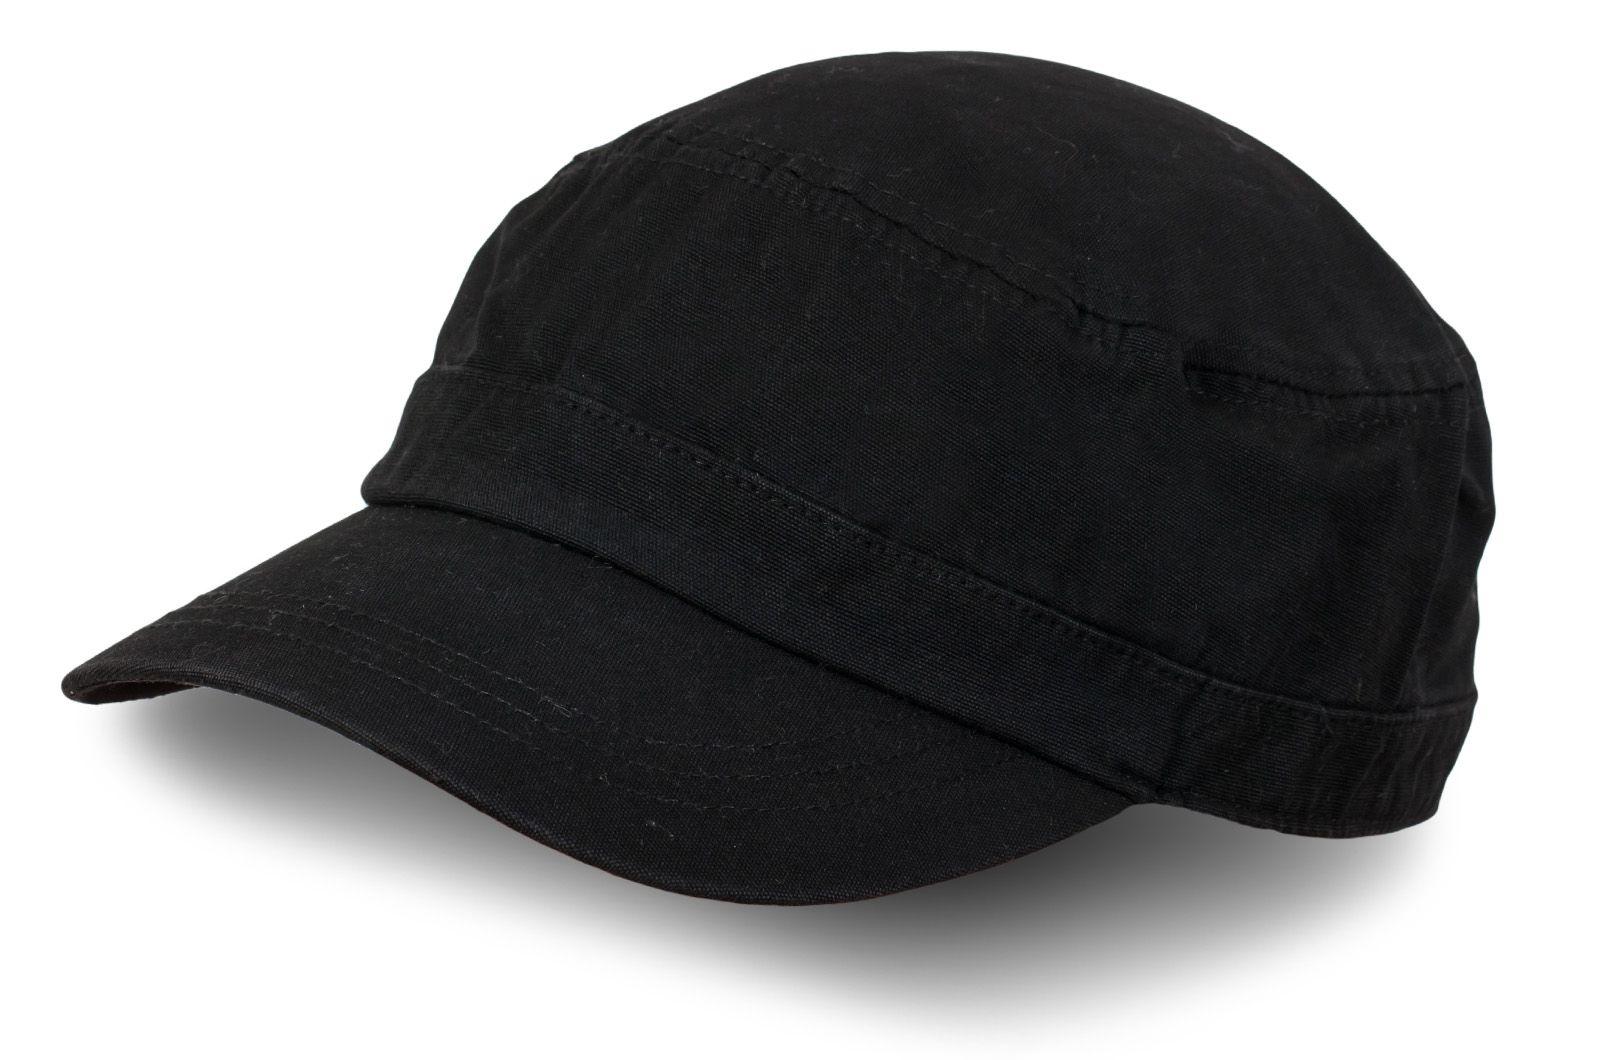 Кепка из черного джинса - купить в интернет-магазине с доставкой